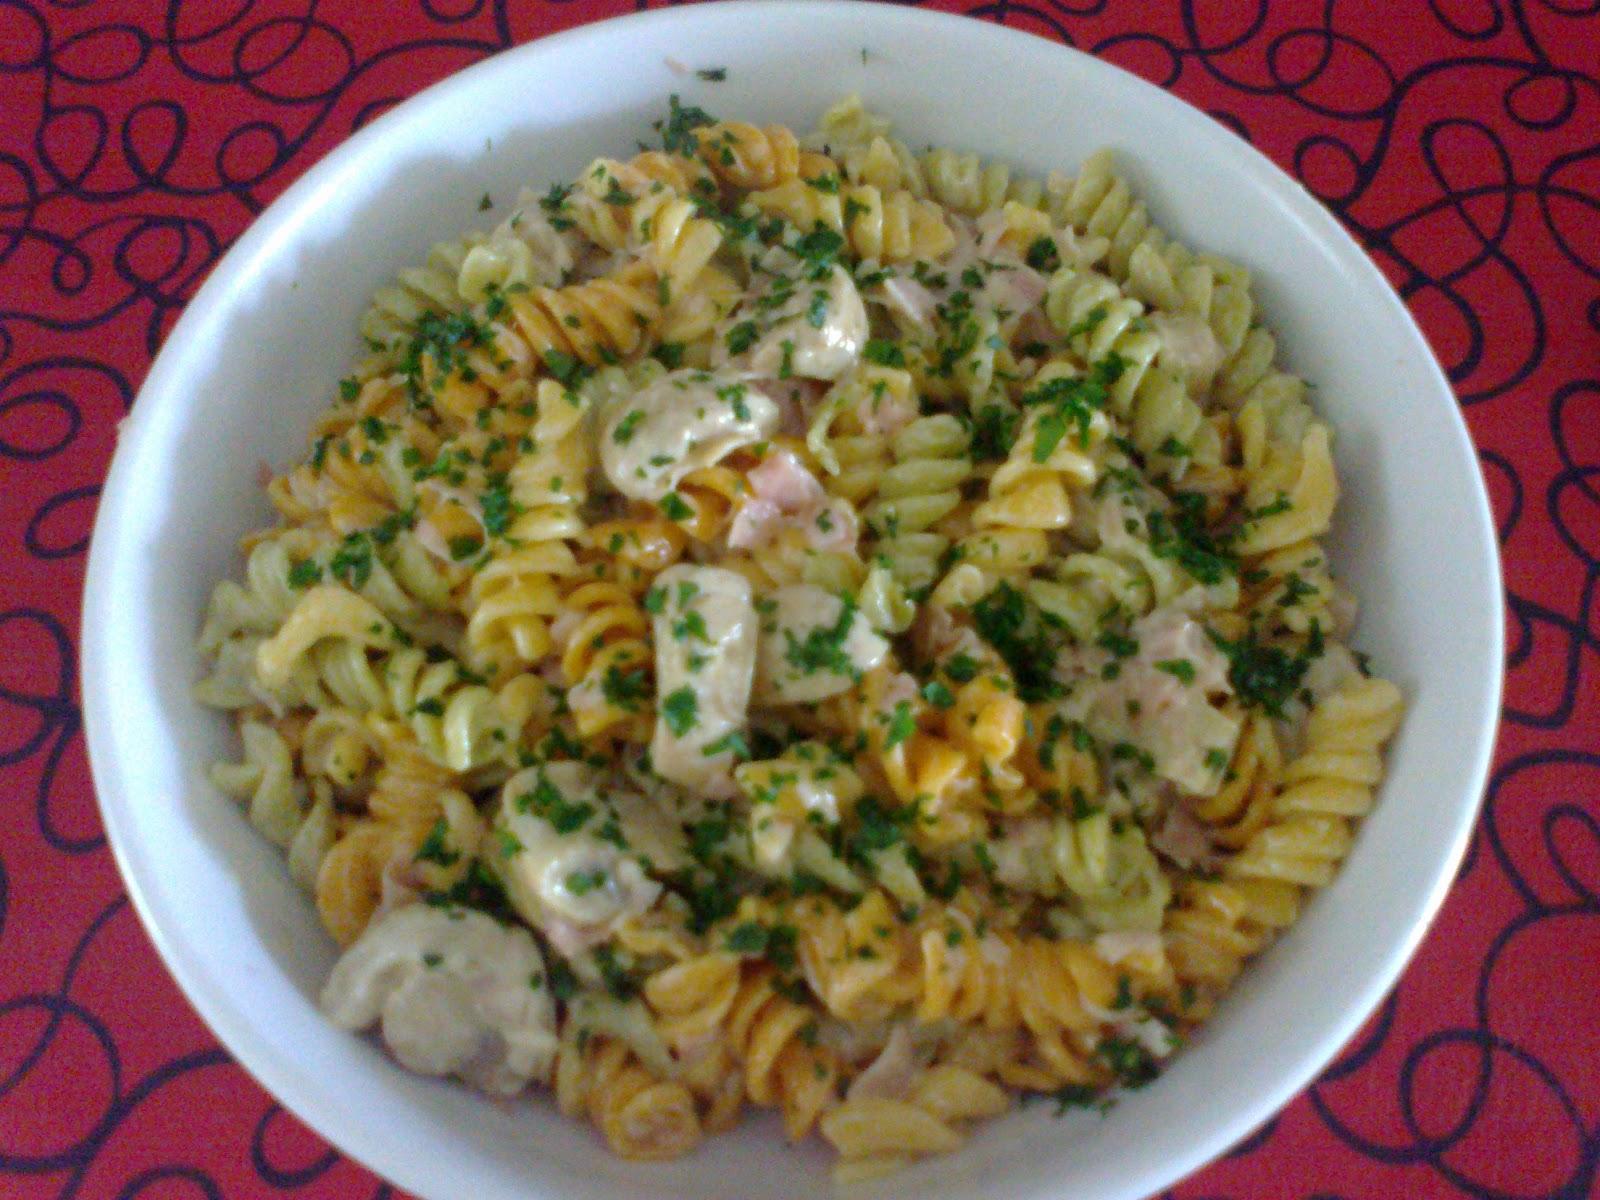 Cocinando a m manera platos sencillos pasta con crema de champignones y jam n - Platos de pasta sencillos ...